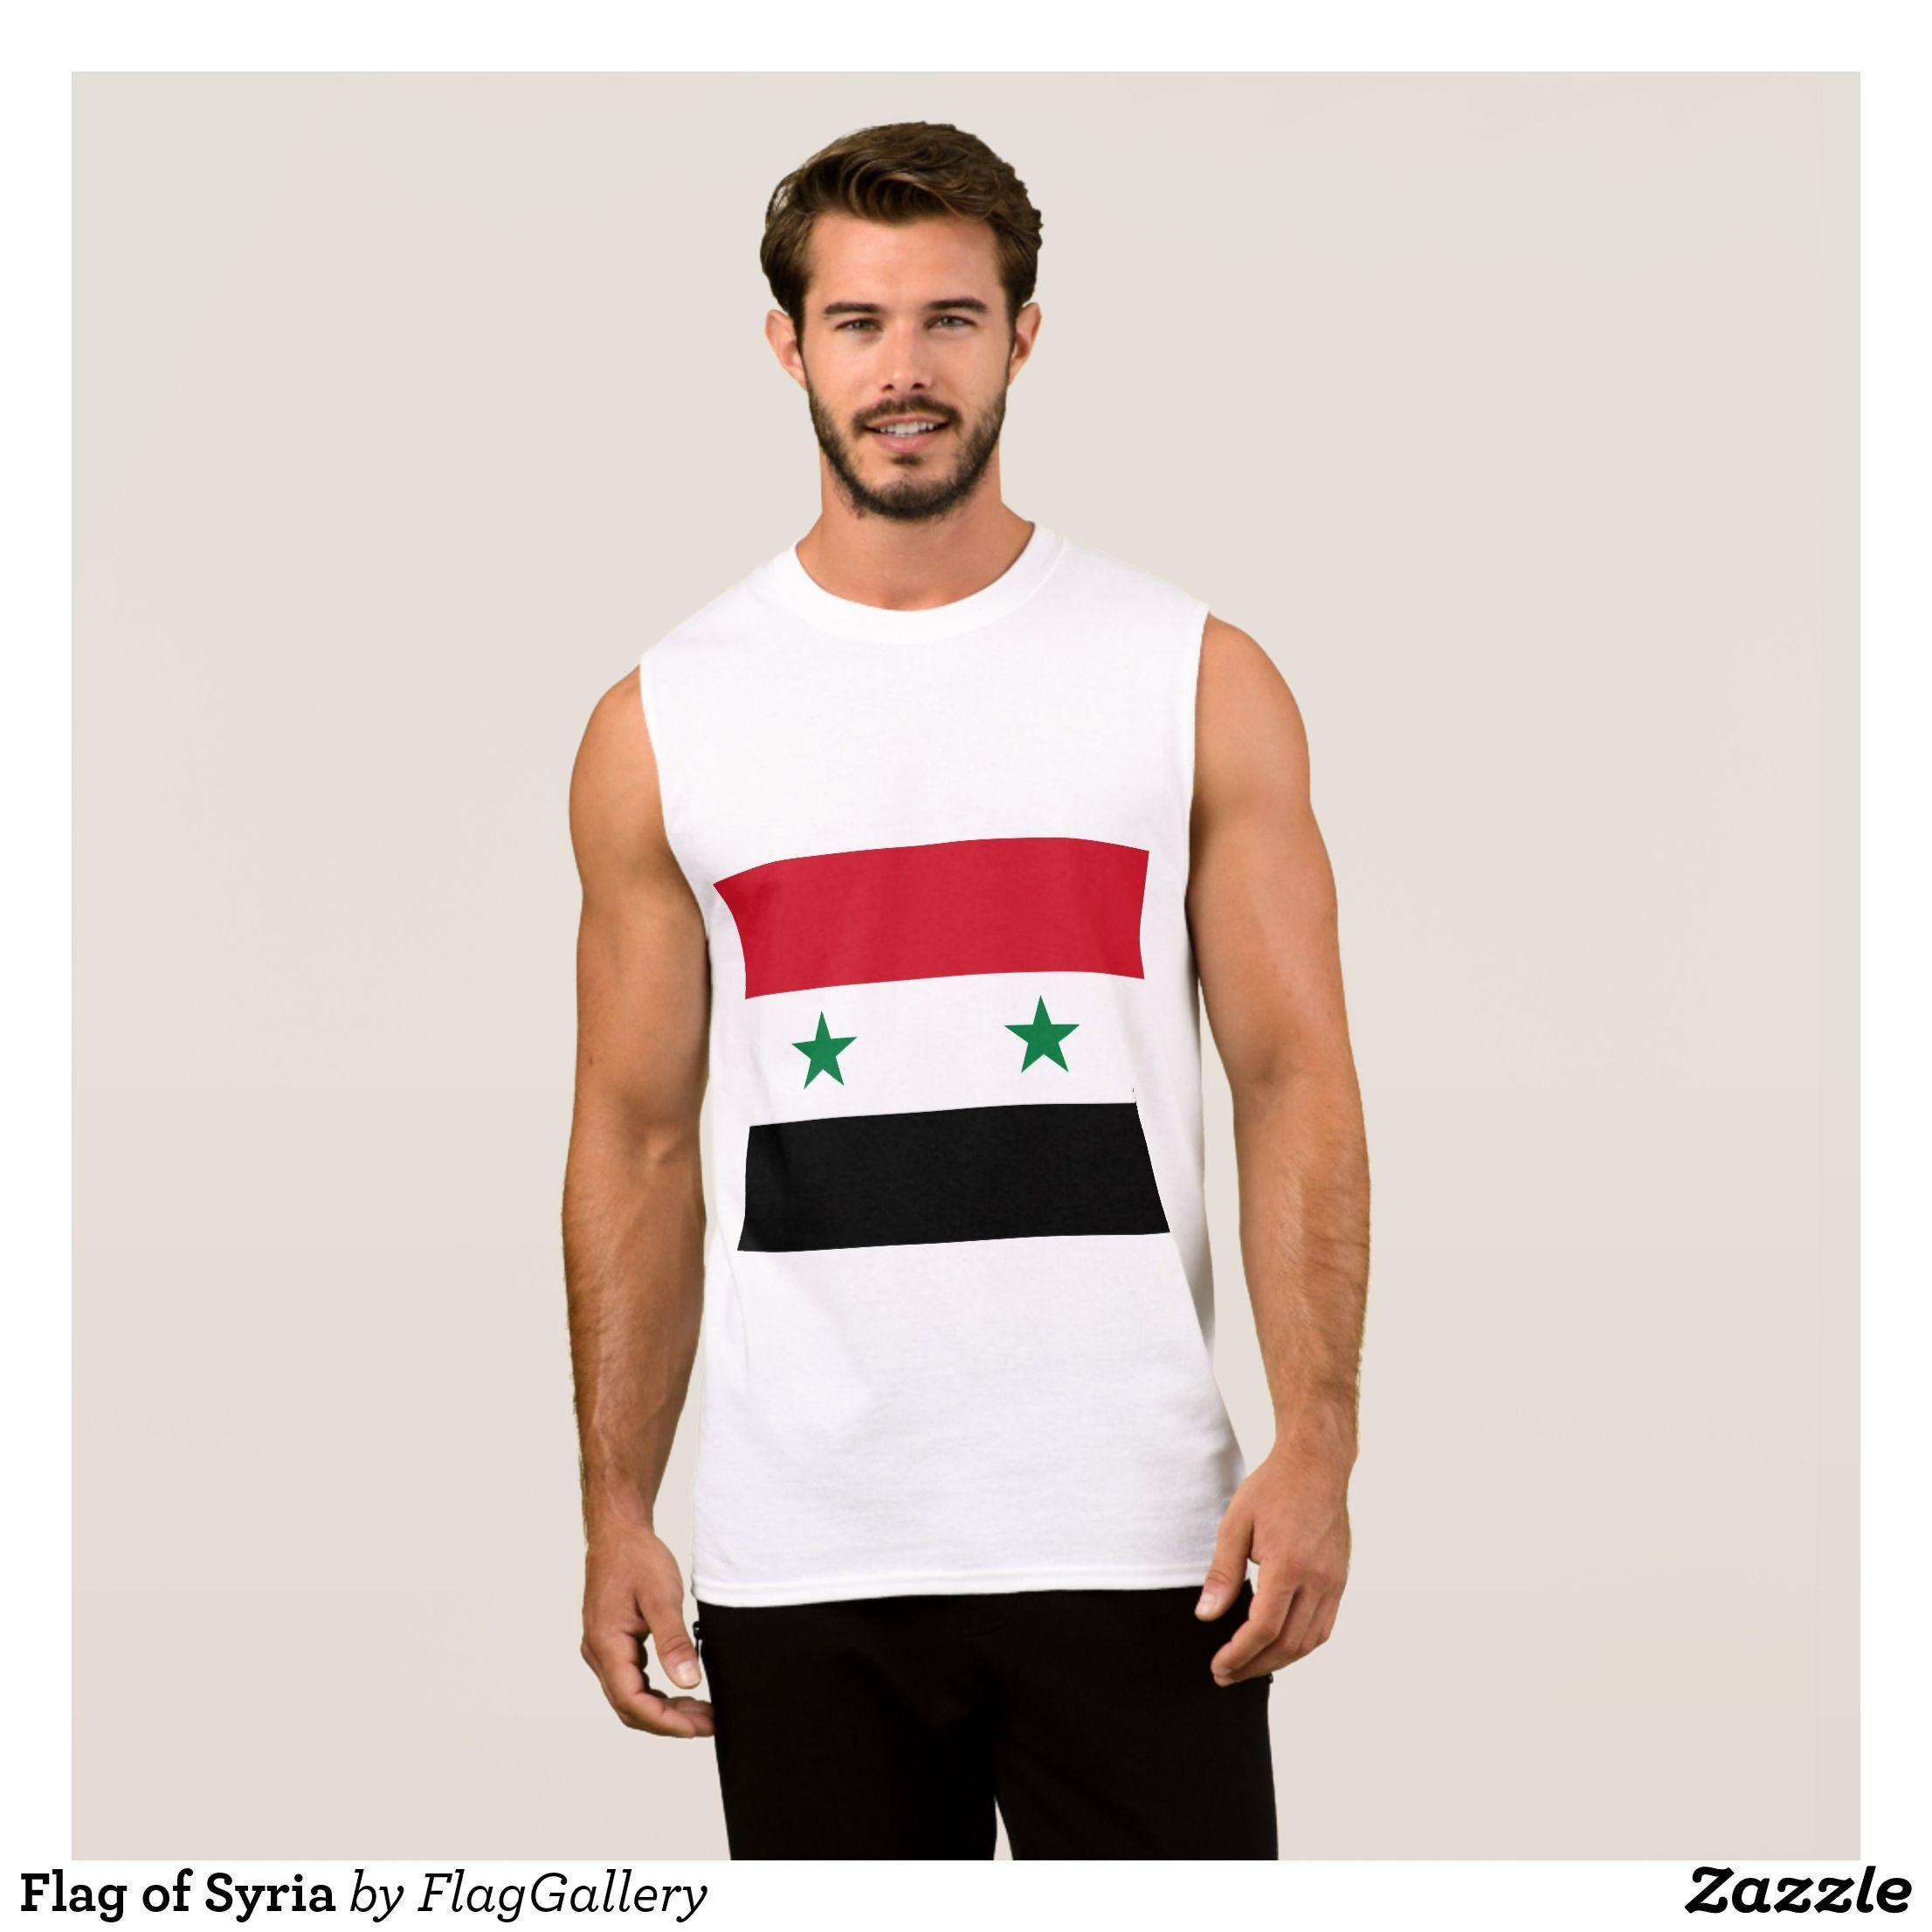 Flag of Syria Sleeveless Shirt | Zazzle.com - #shirt #sleeveless #syria #zazzle - #Iran